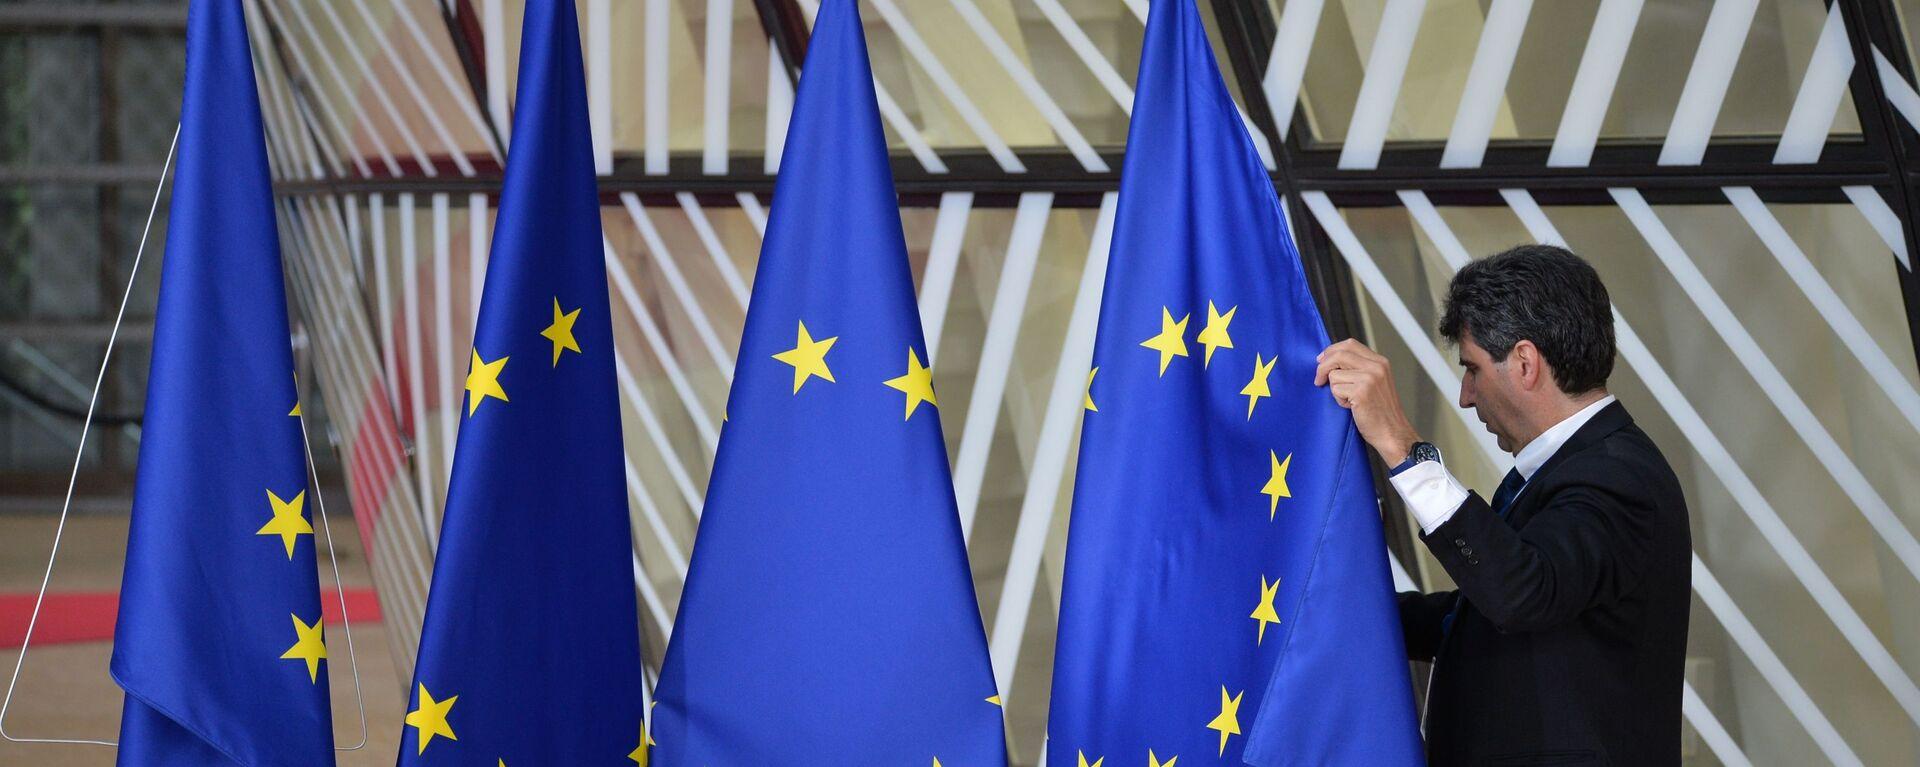 Vlajky EU - Sputnik Česká republika, 1920, 02.07.2020